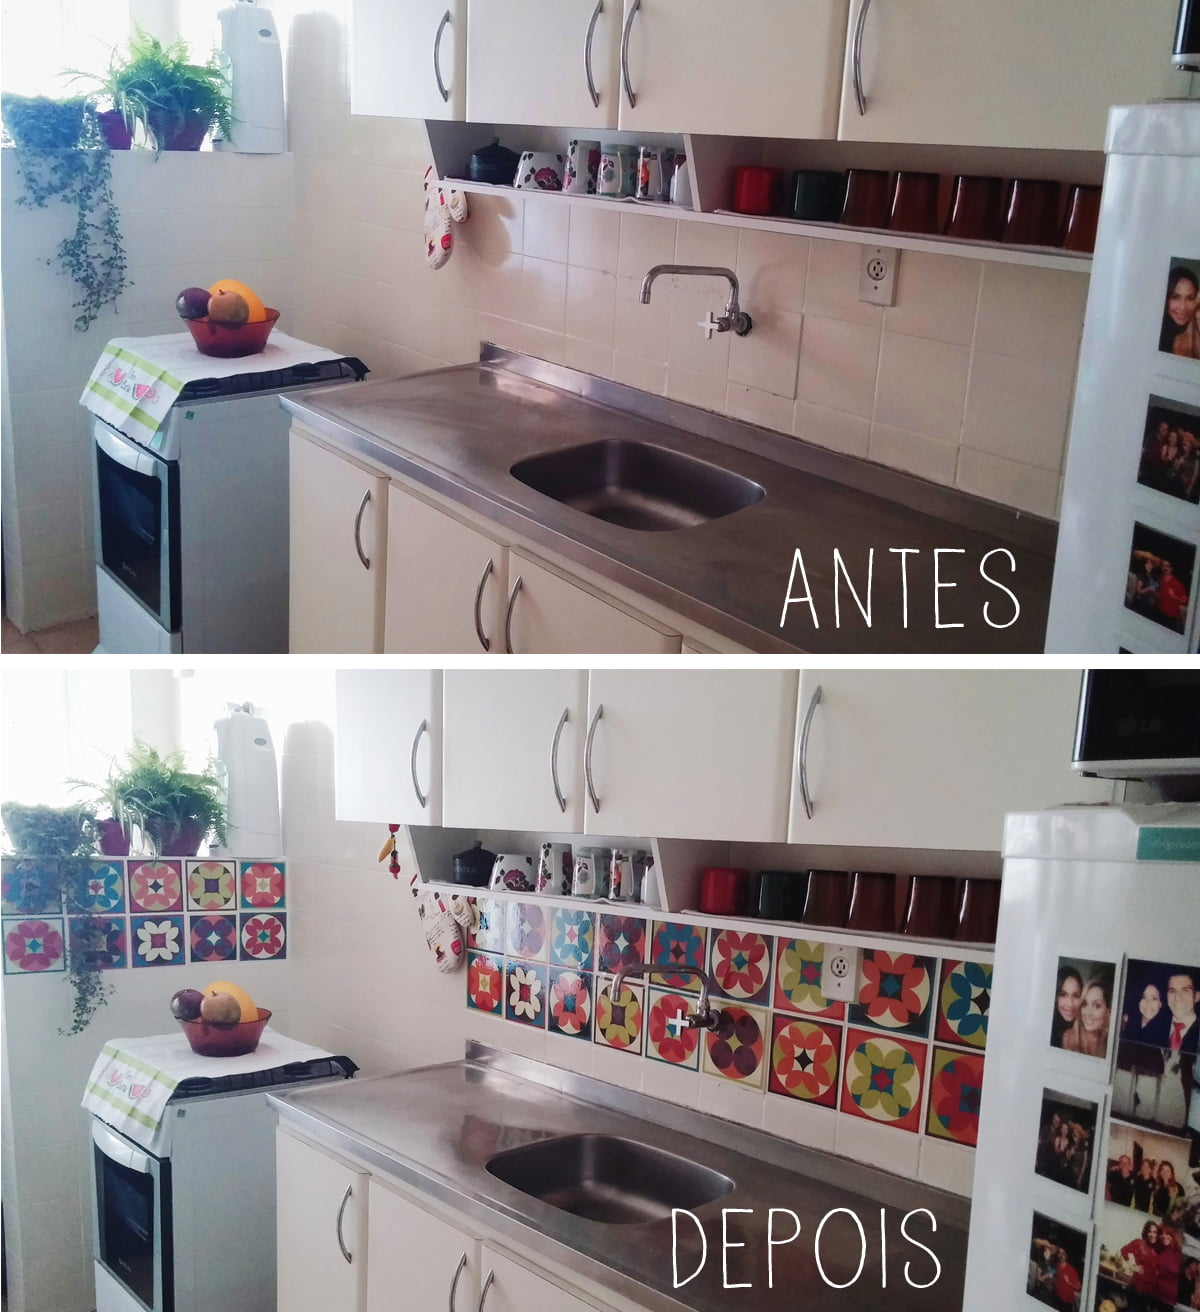 decoração-com-azulejos-adesivos-resultado